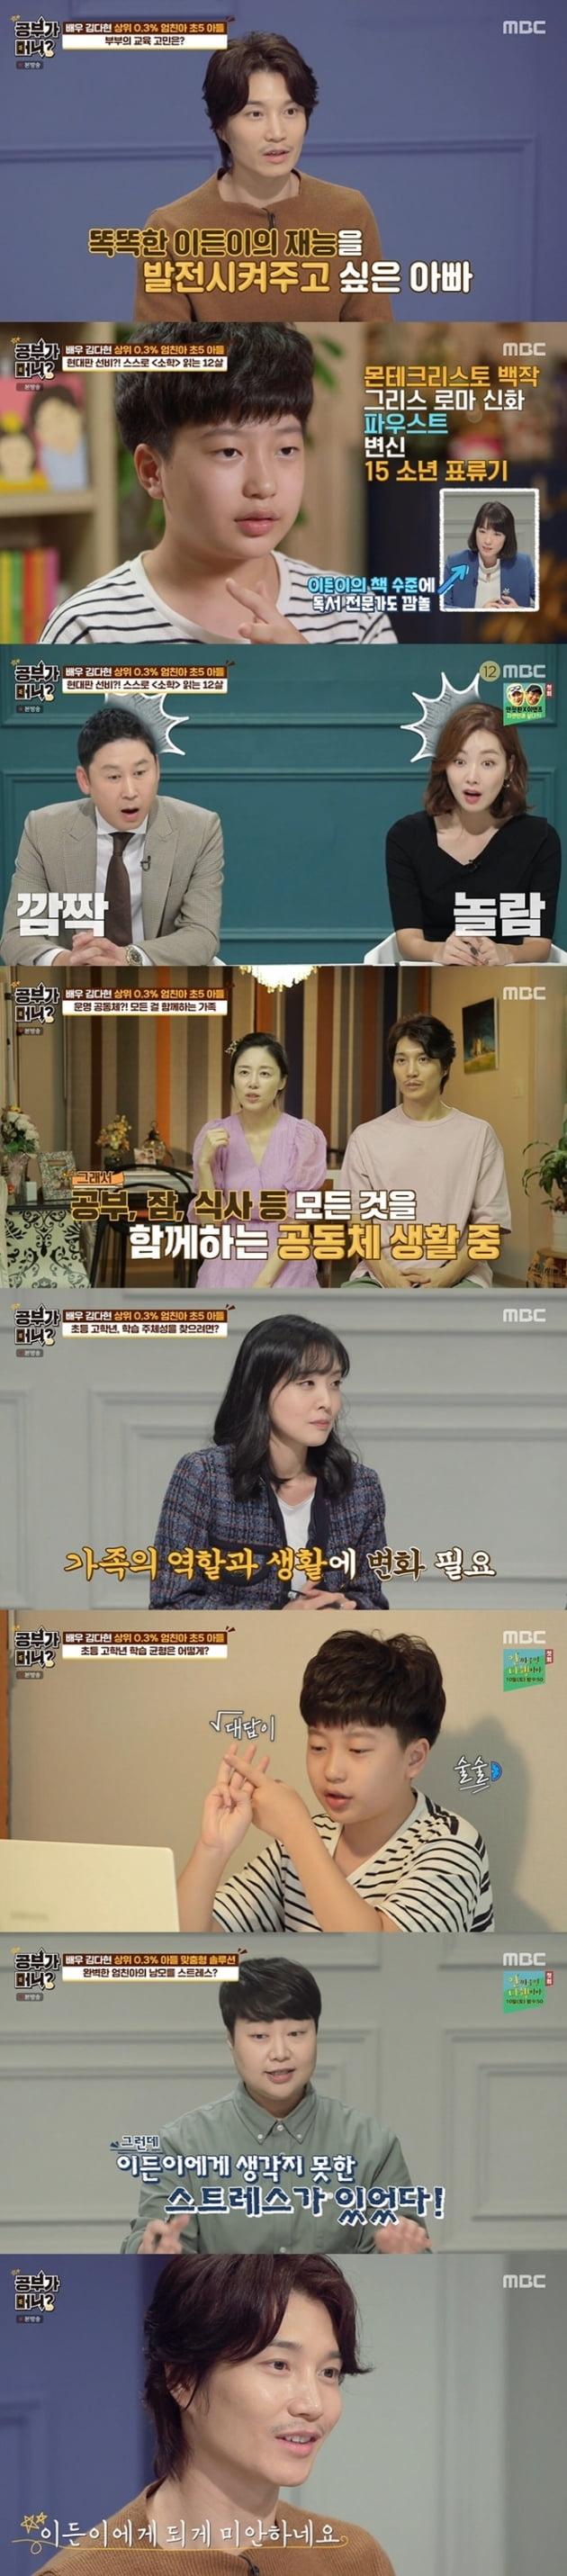 '공부가 머니' 김다현 출연 /사진=MBC 방송화면 캡처